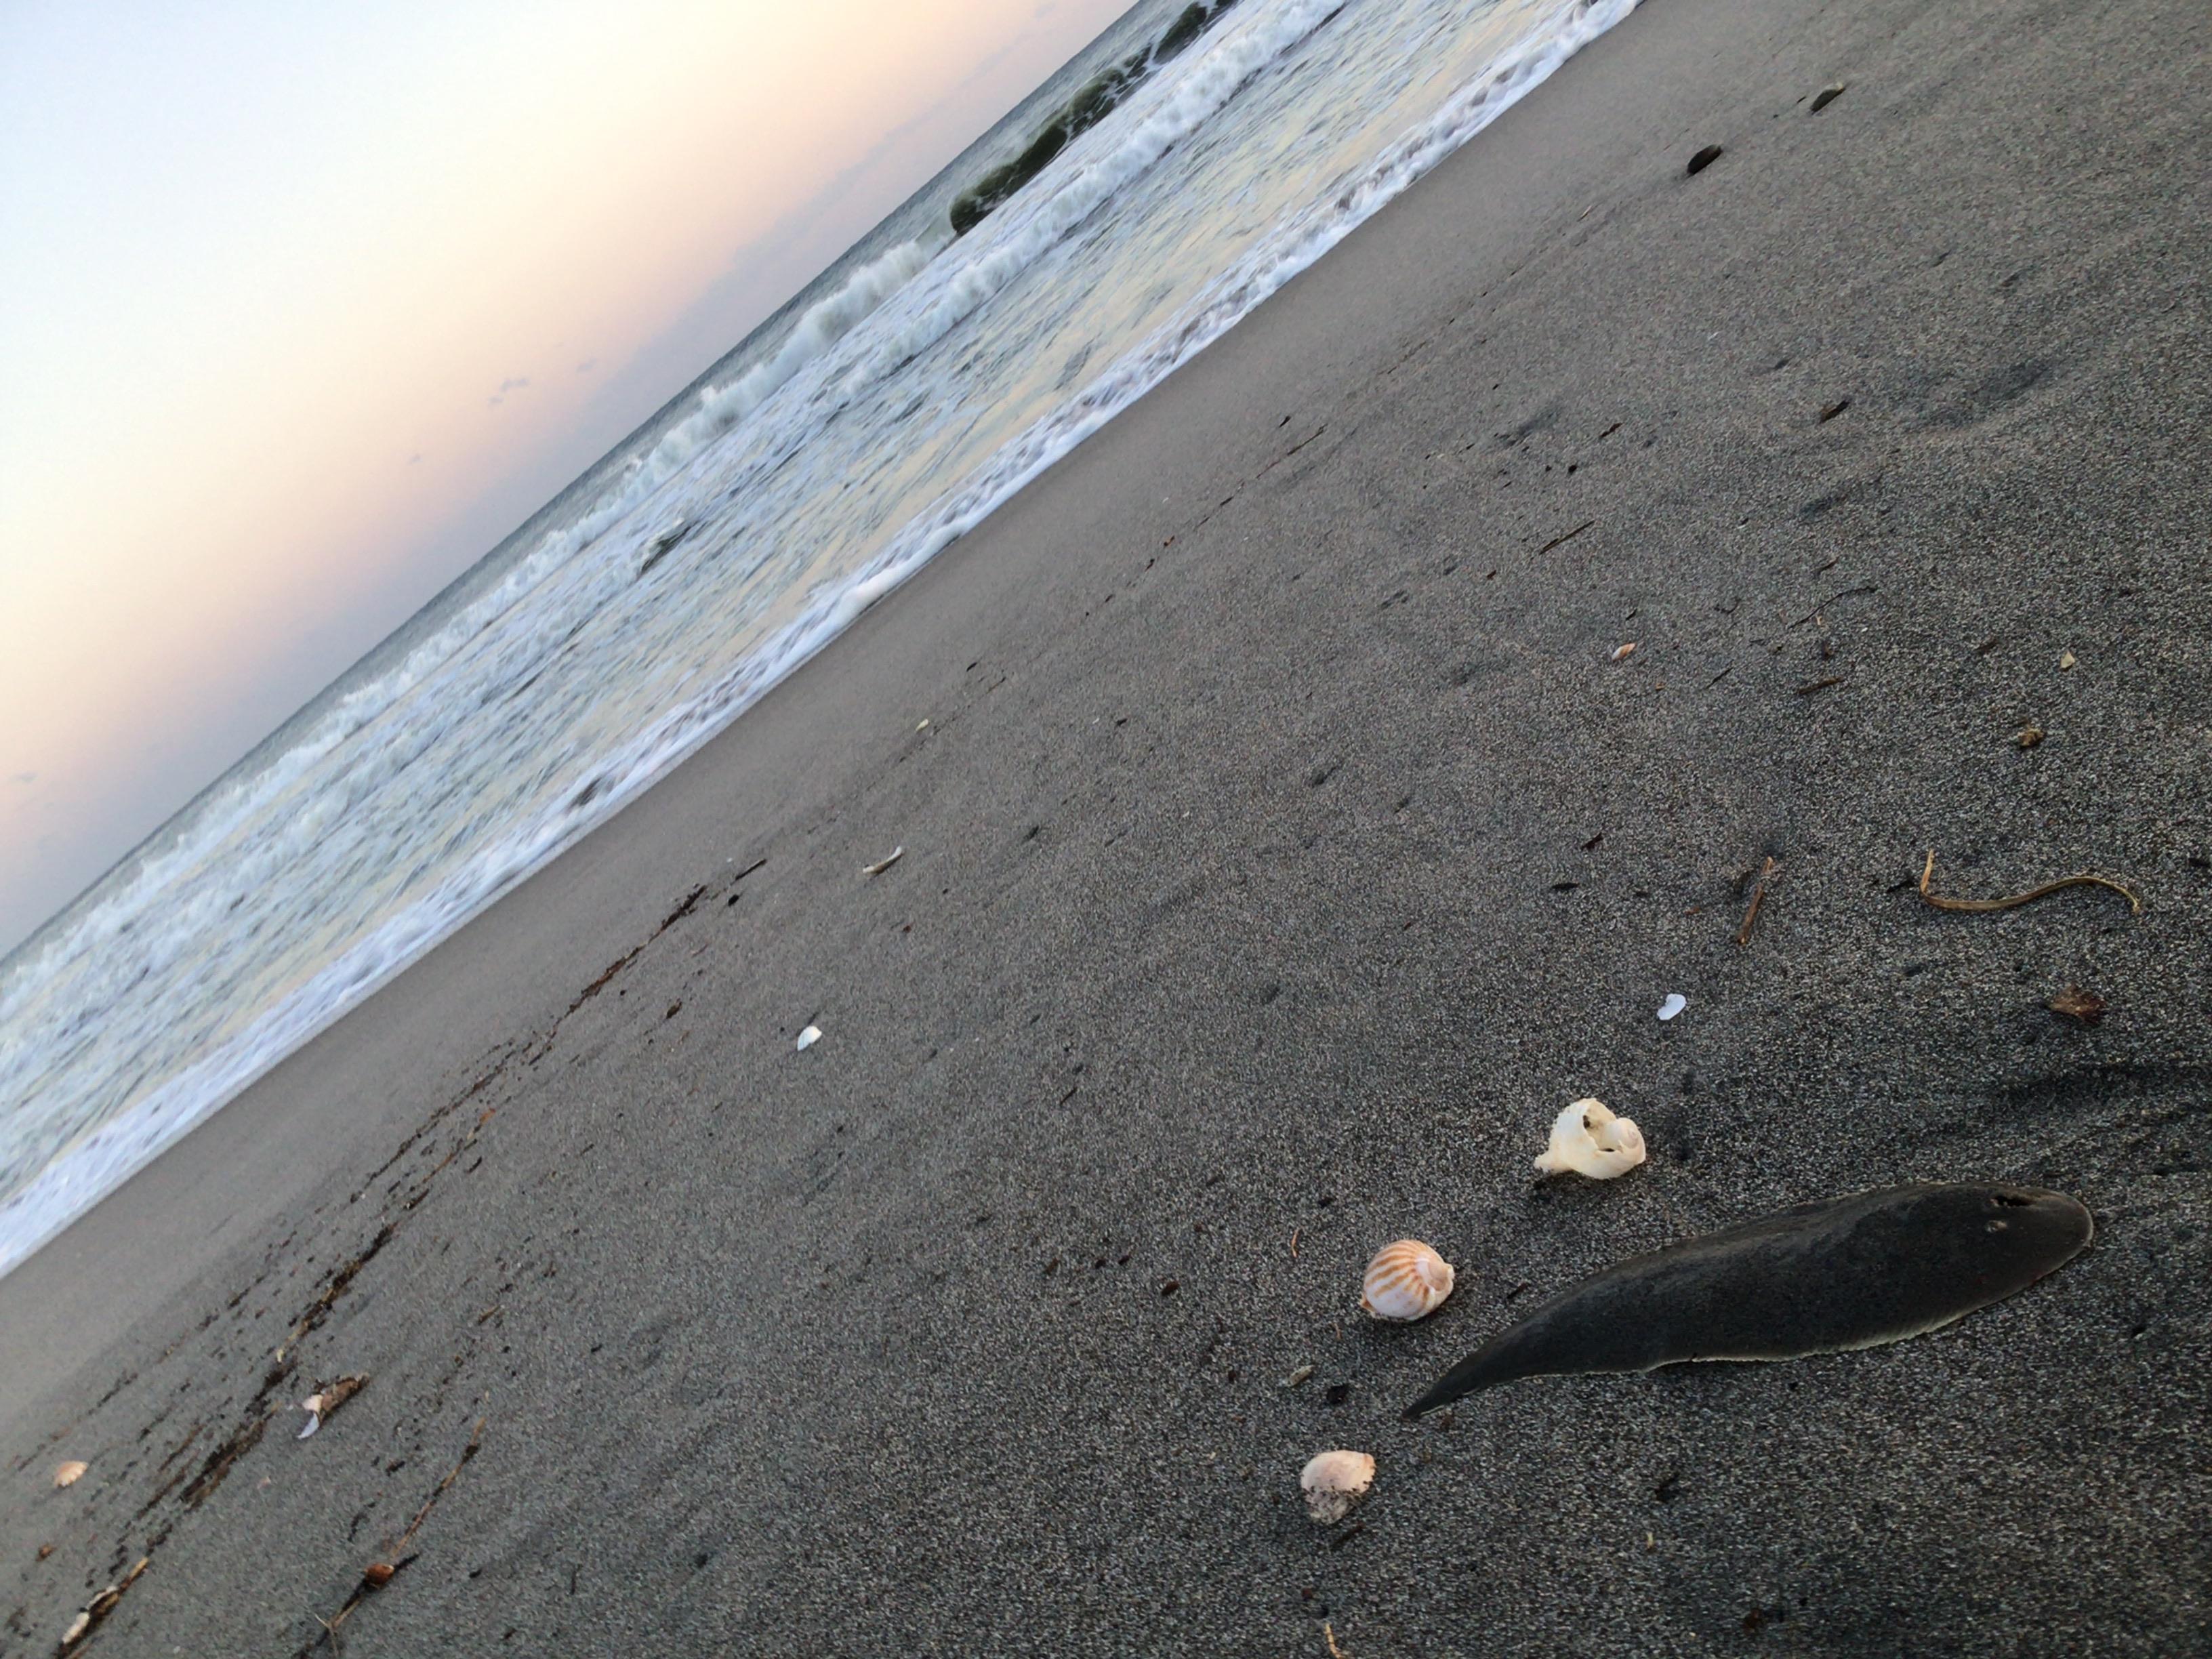 貝殻などたくさん打ち揚げられてました。ヒラメ越しの海デス❗️